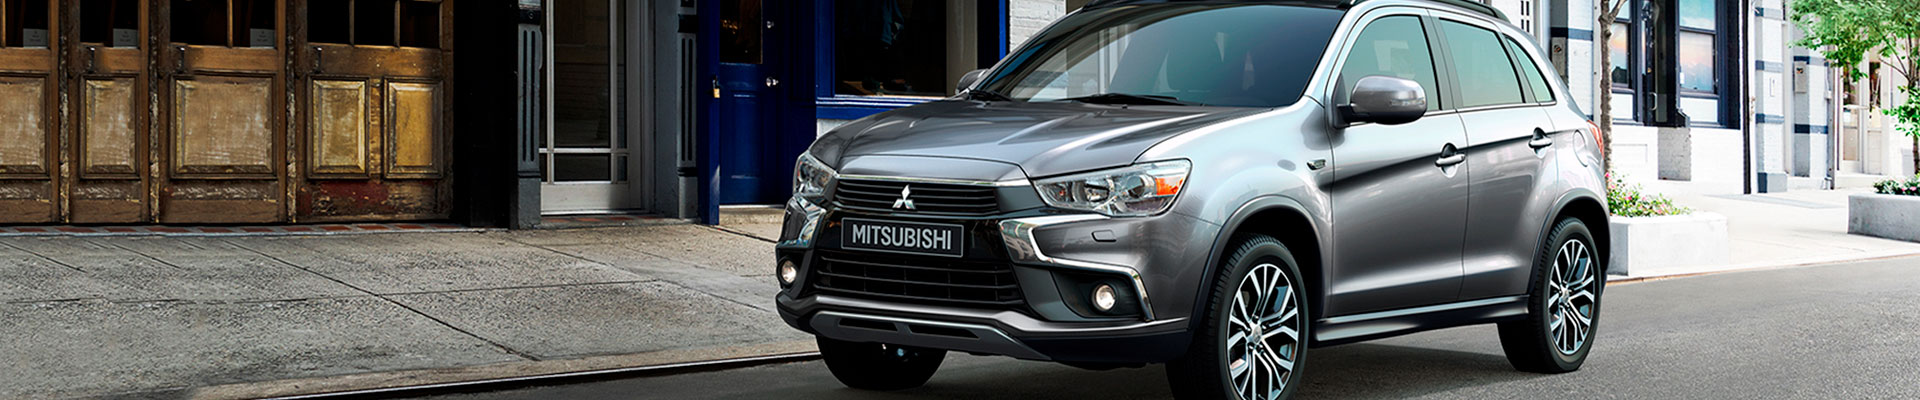 Tuvasa, Concesionario Oficial Mitsubishi Motors en Valladolid